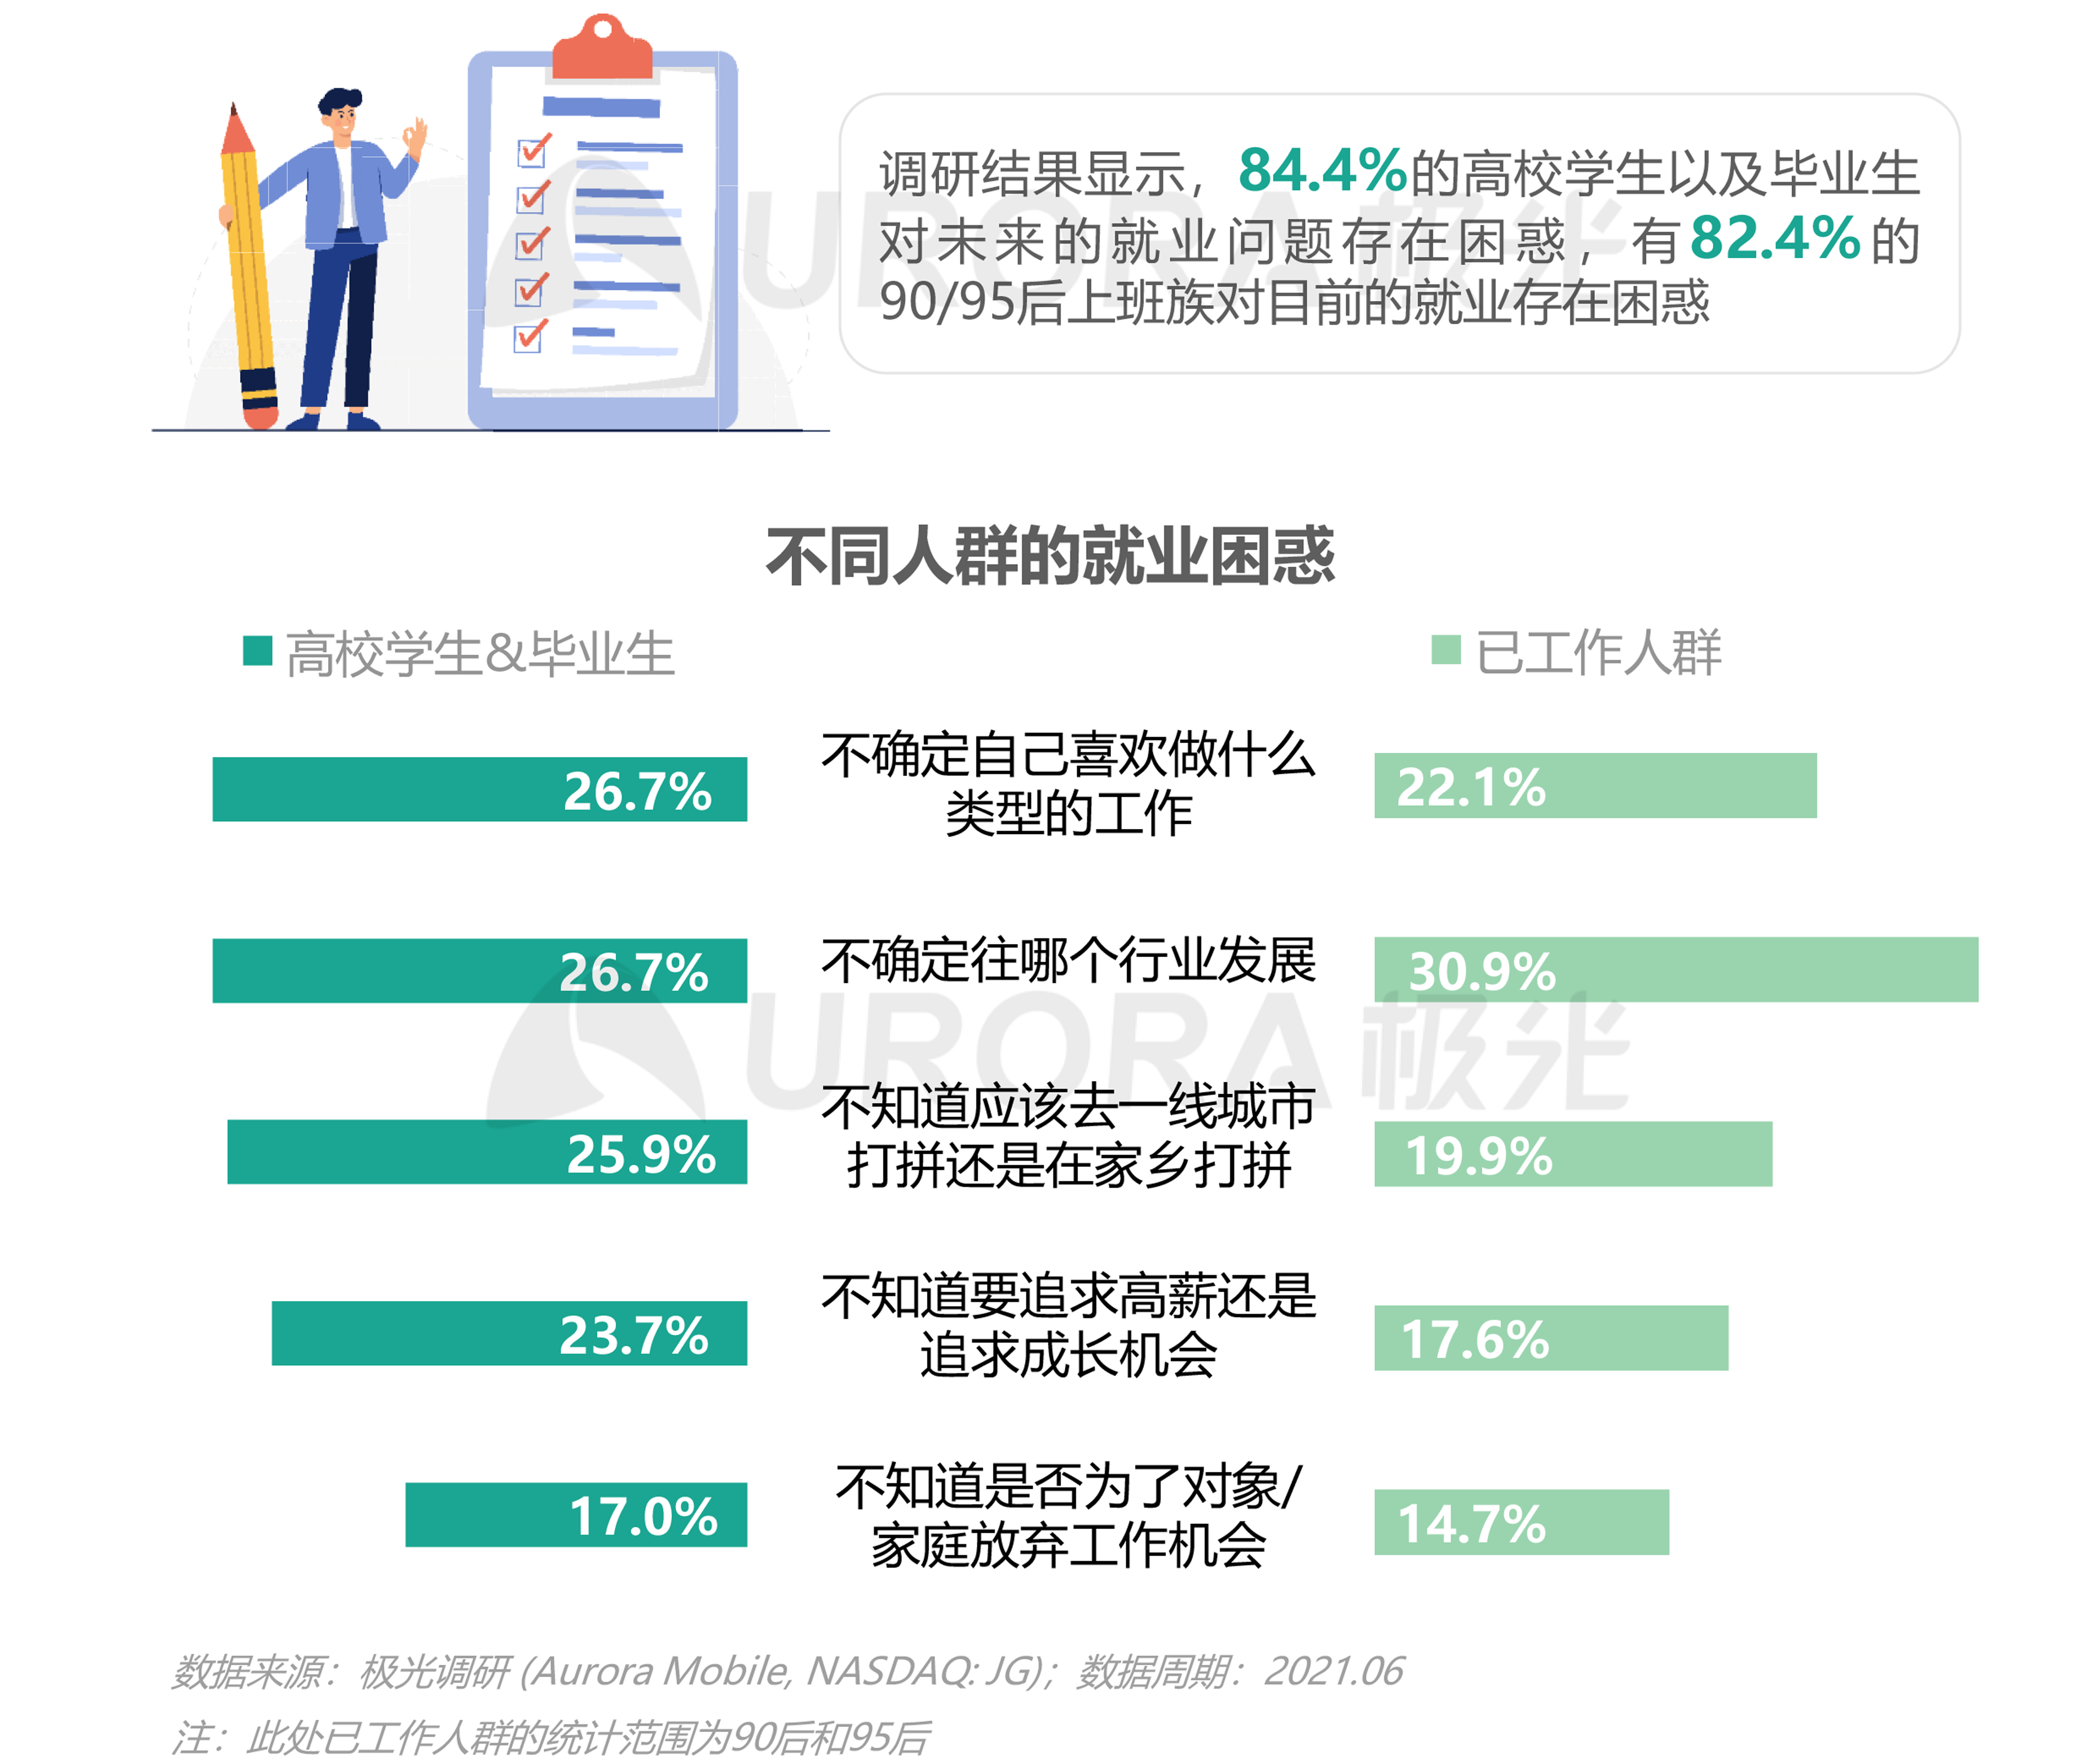 2021毕业生求职状态洞察报告【定稿】-6.png